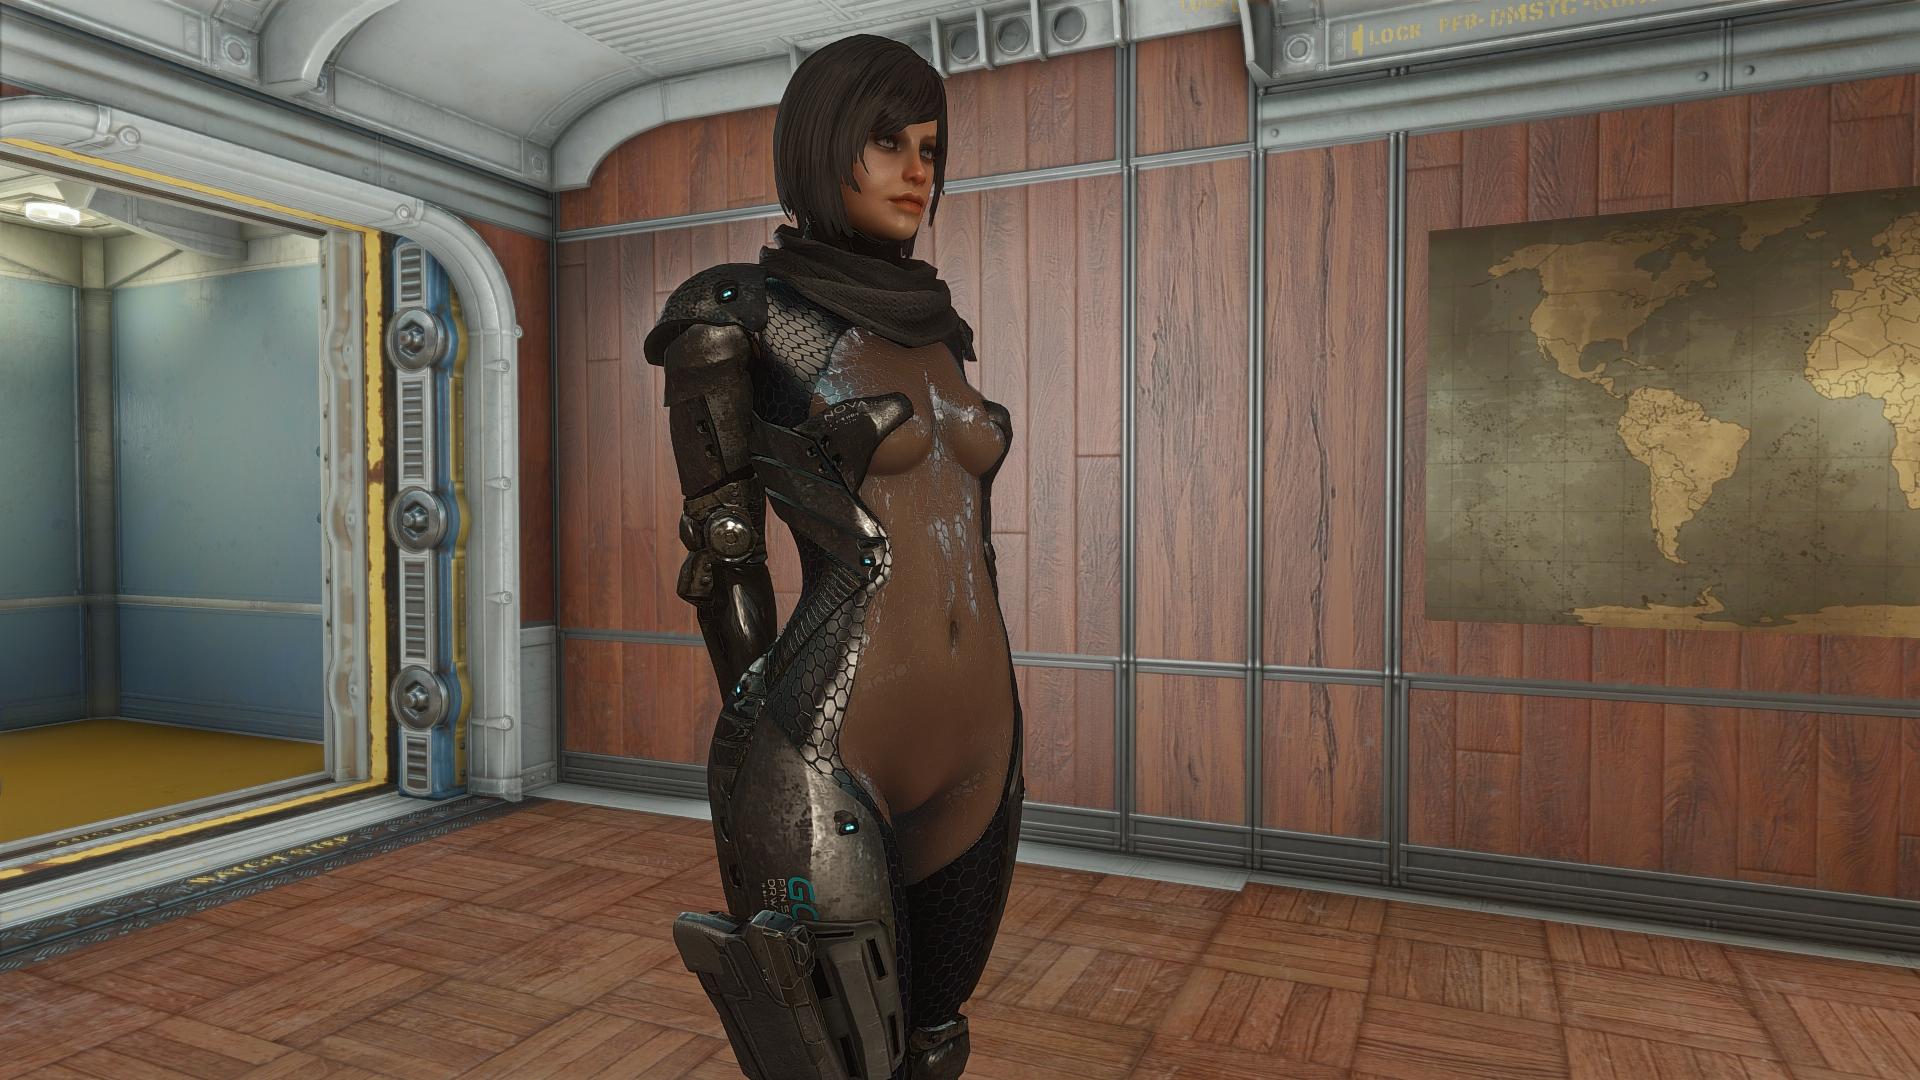 Fallout 4 Screenshot 2020.04.01 - 14.09.14.68.png - Fallout 4